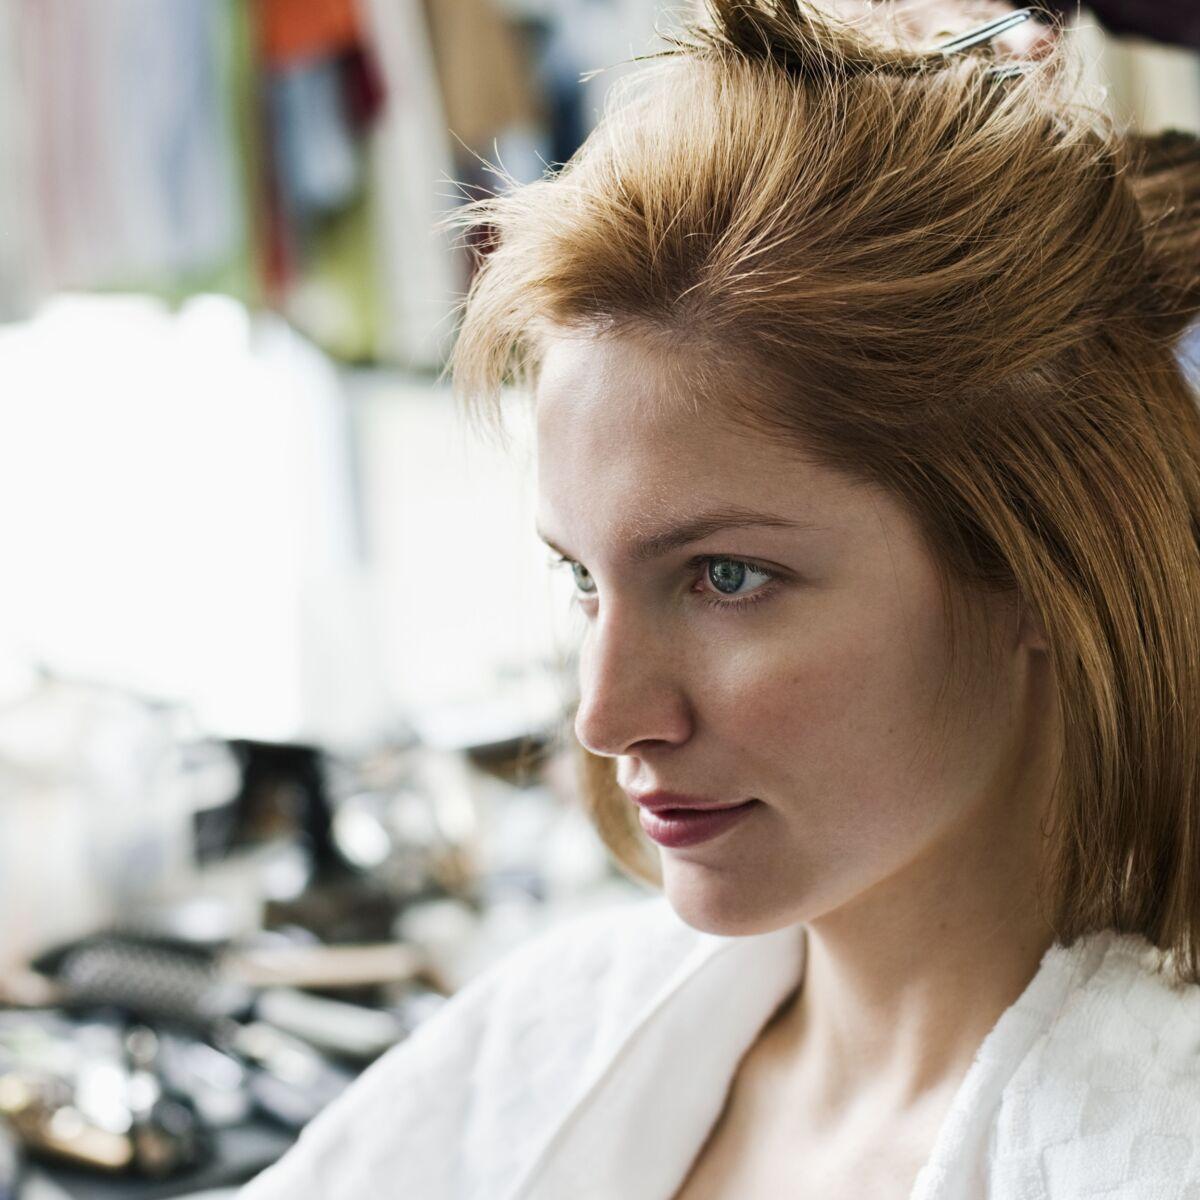 Coupe Carre Long Nos Idees De Coupes De Cheveux Tendance Printemps Ete 2020 Femme Actuelle Le Mag